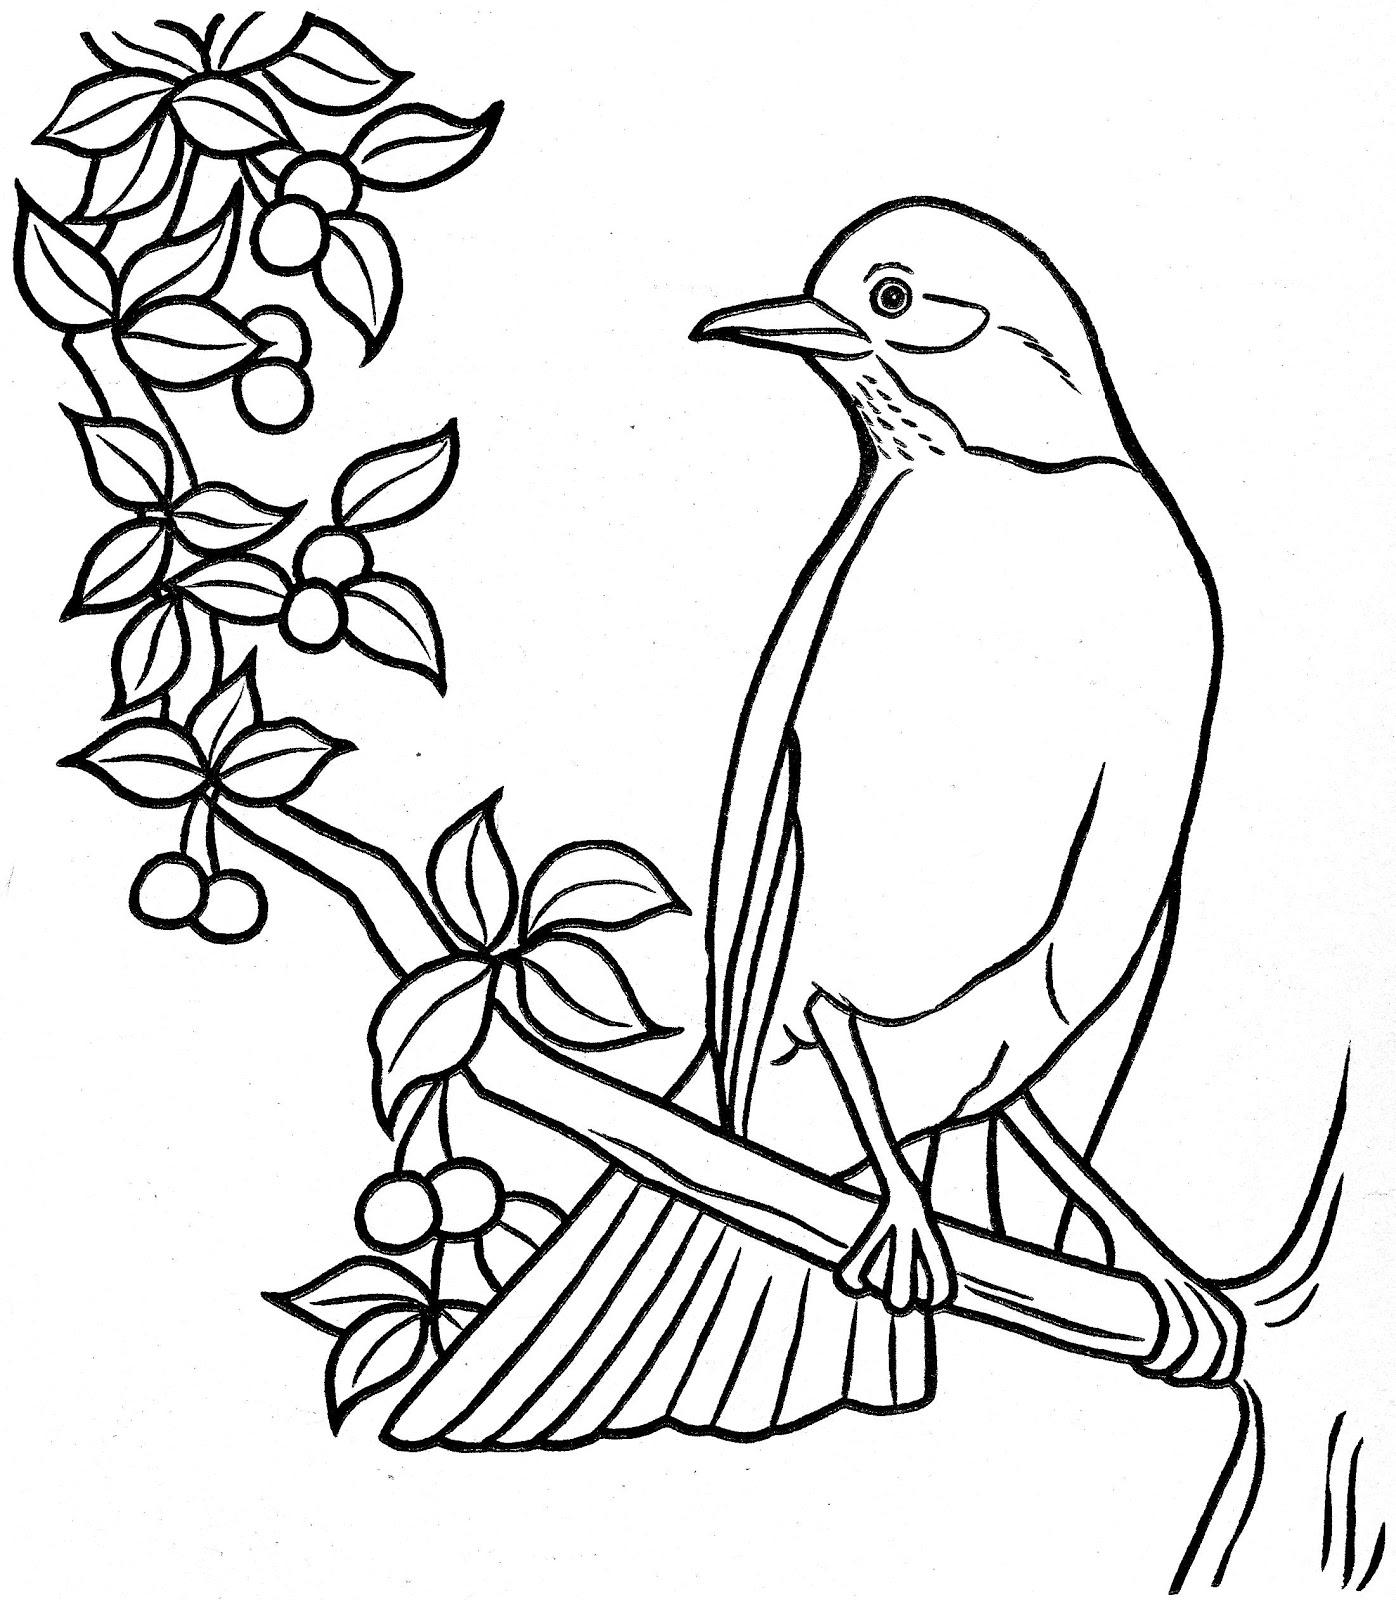 Top Desenhos para Colorir: Desenhos para Colorir Pássaros JE75